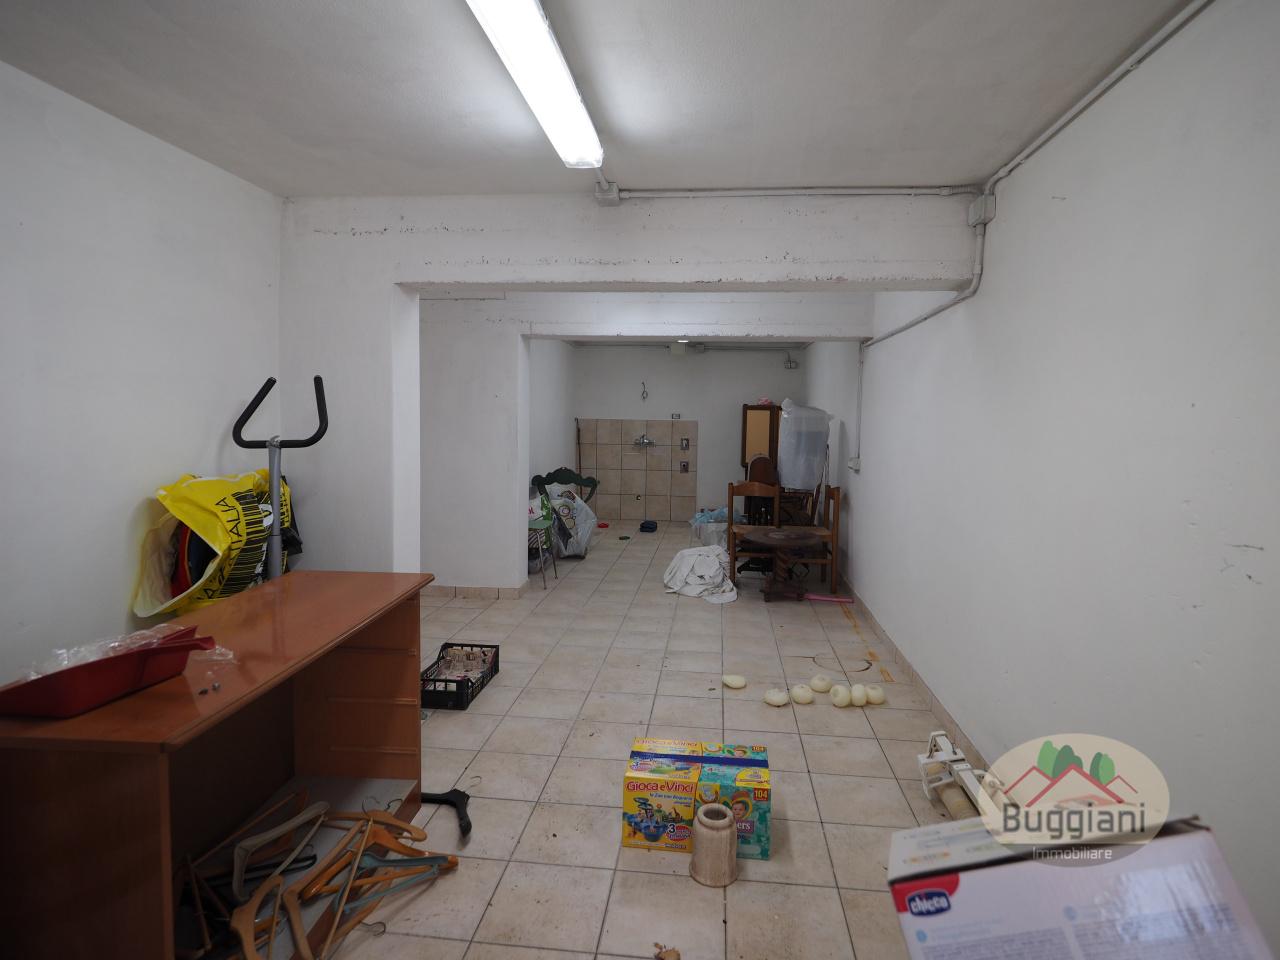 Appartamento in vendita RIF. 1816, San Miniato (PI)